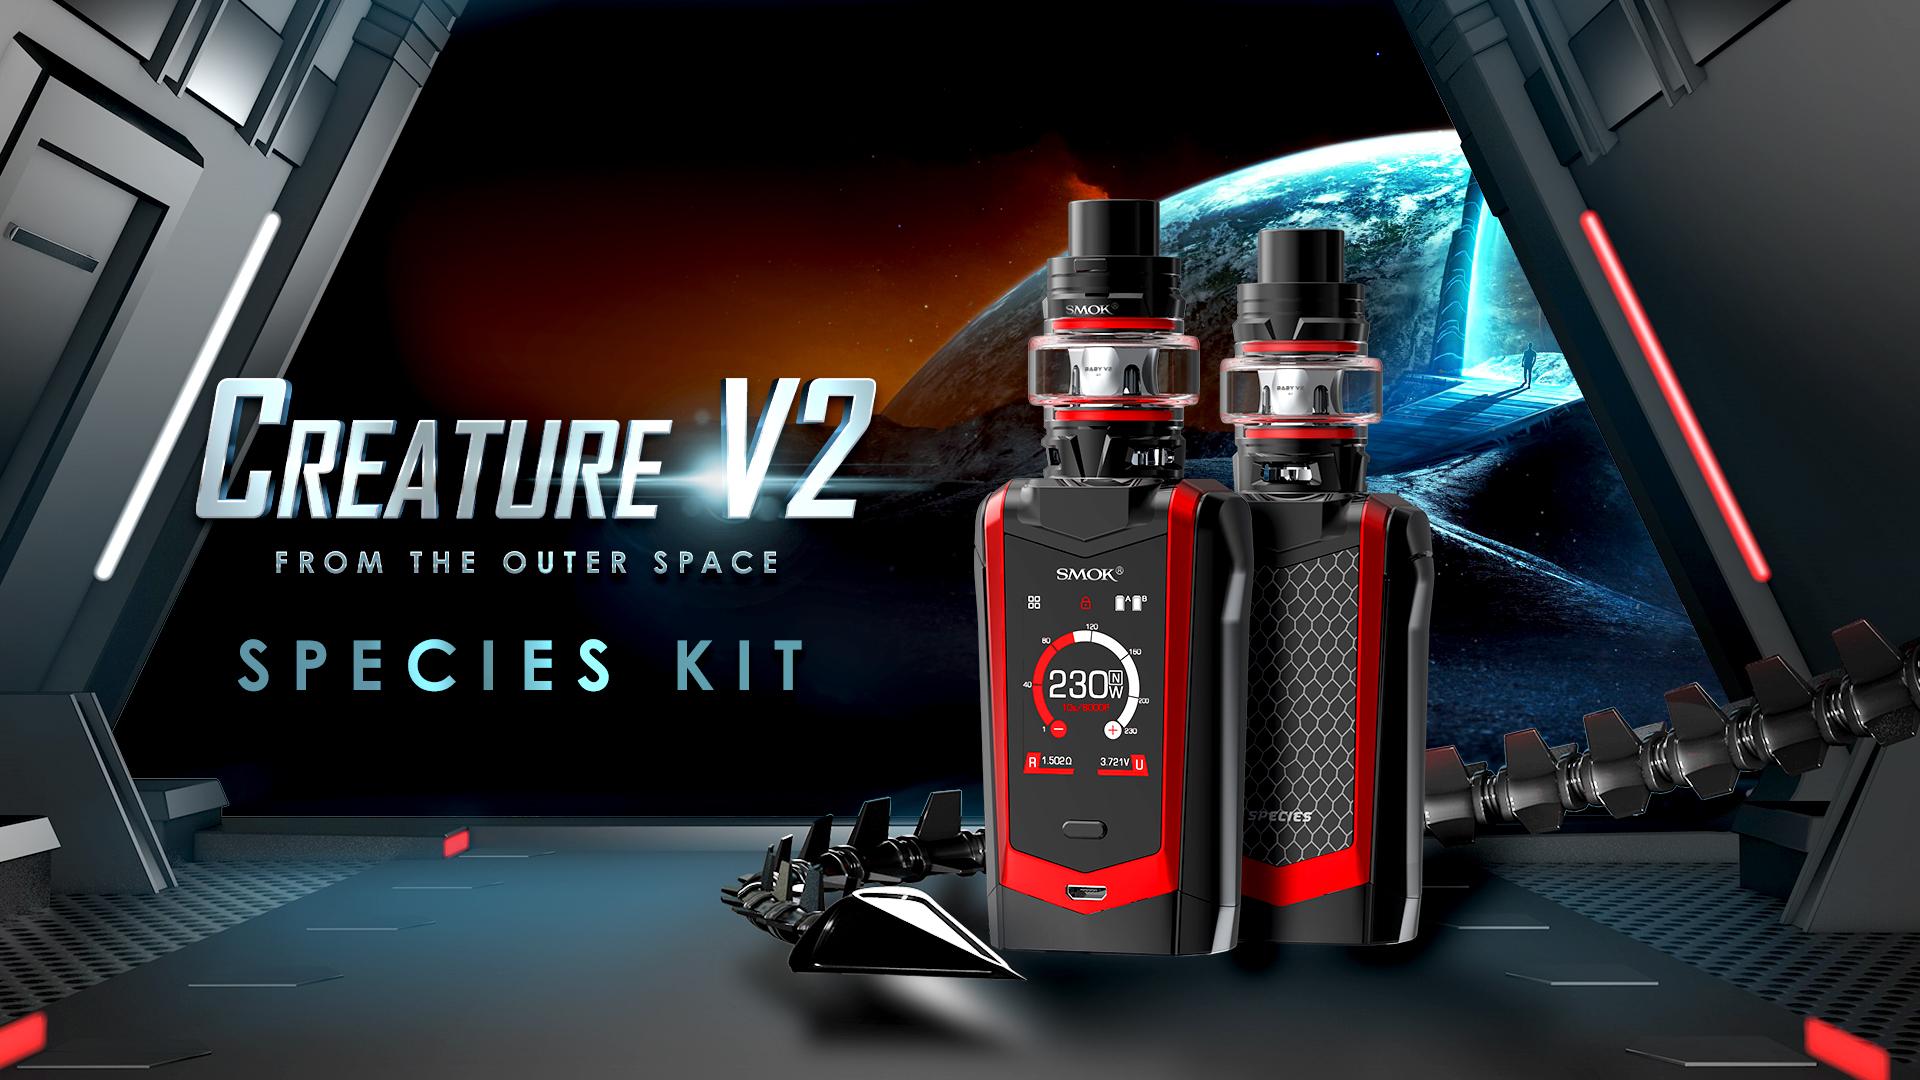 Smok Species V2 230W kit